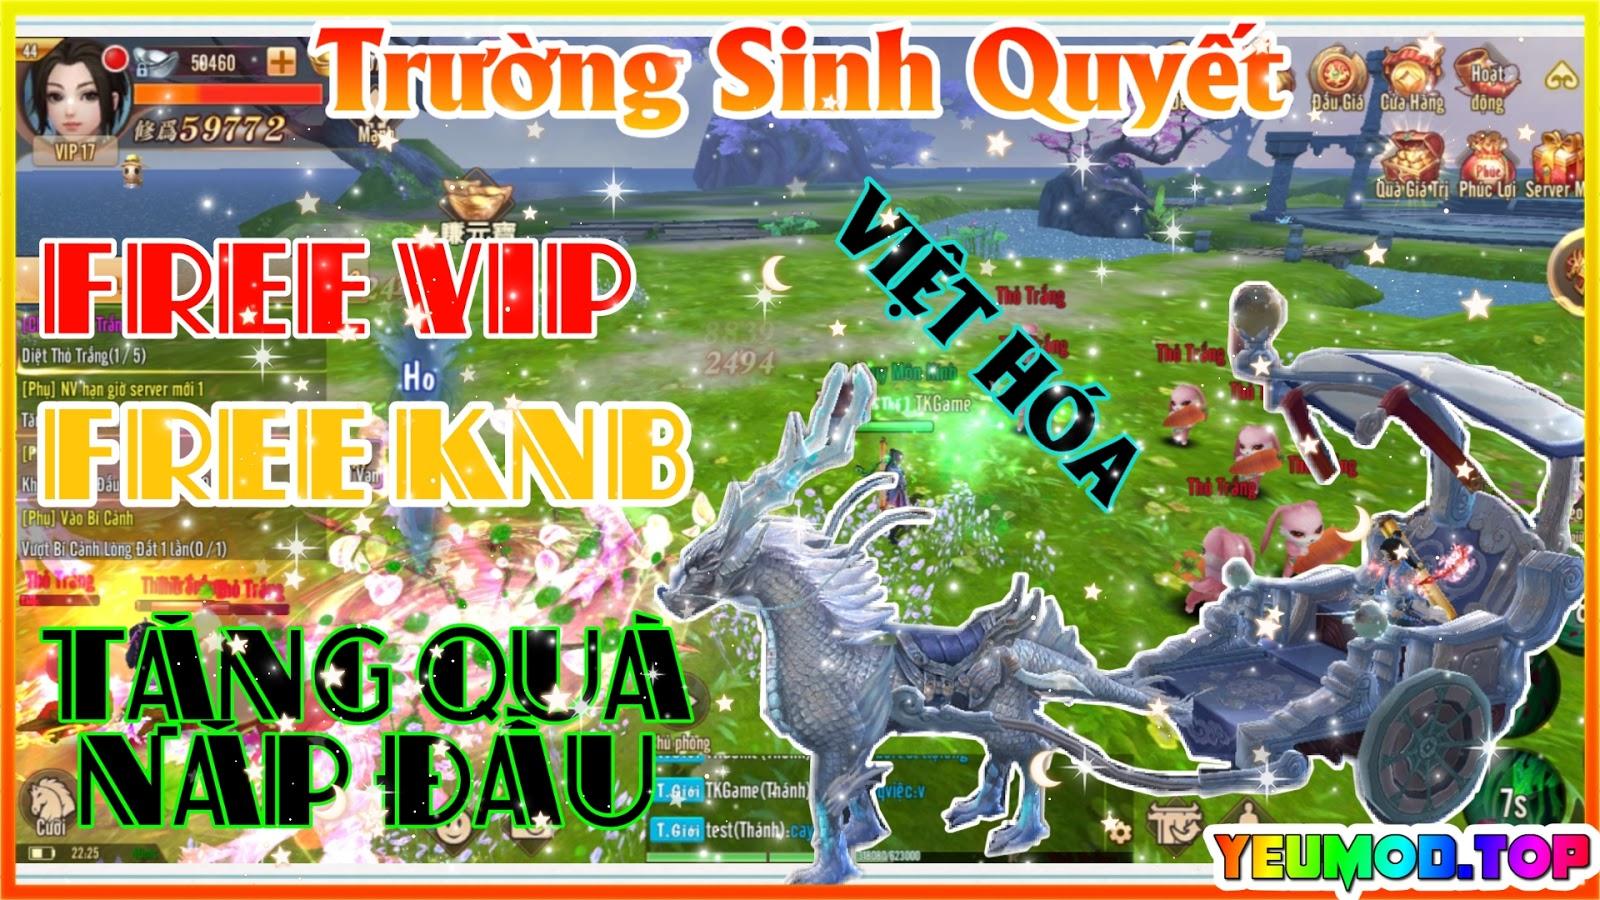 Trường Sinh Quyết Private Việt Hóa | Free VIP | Free KNB | Tặng Quà Nạp Đầu